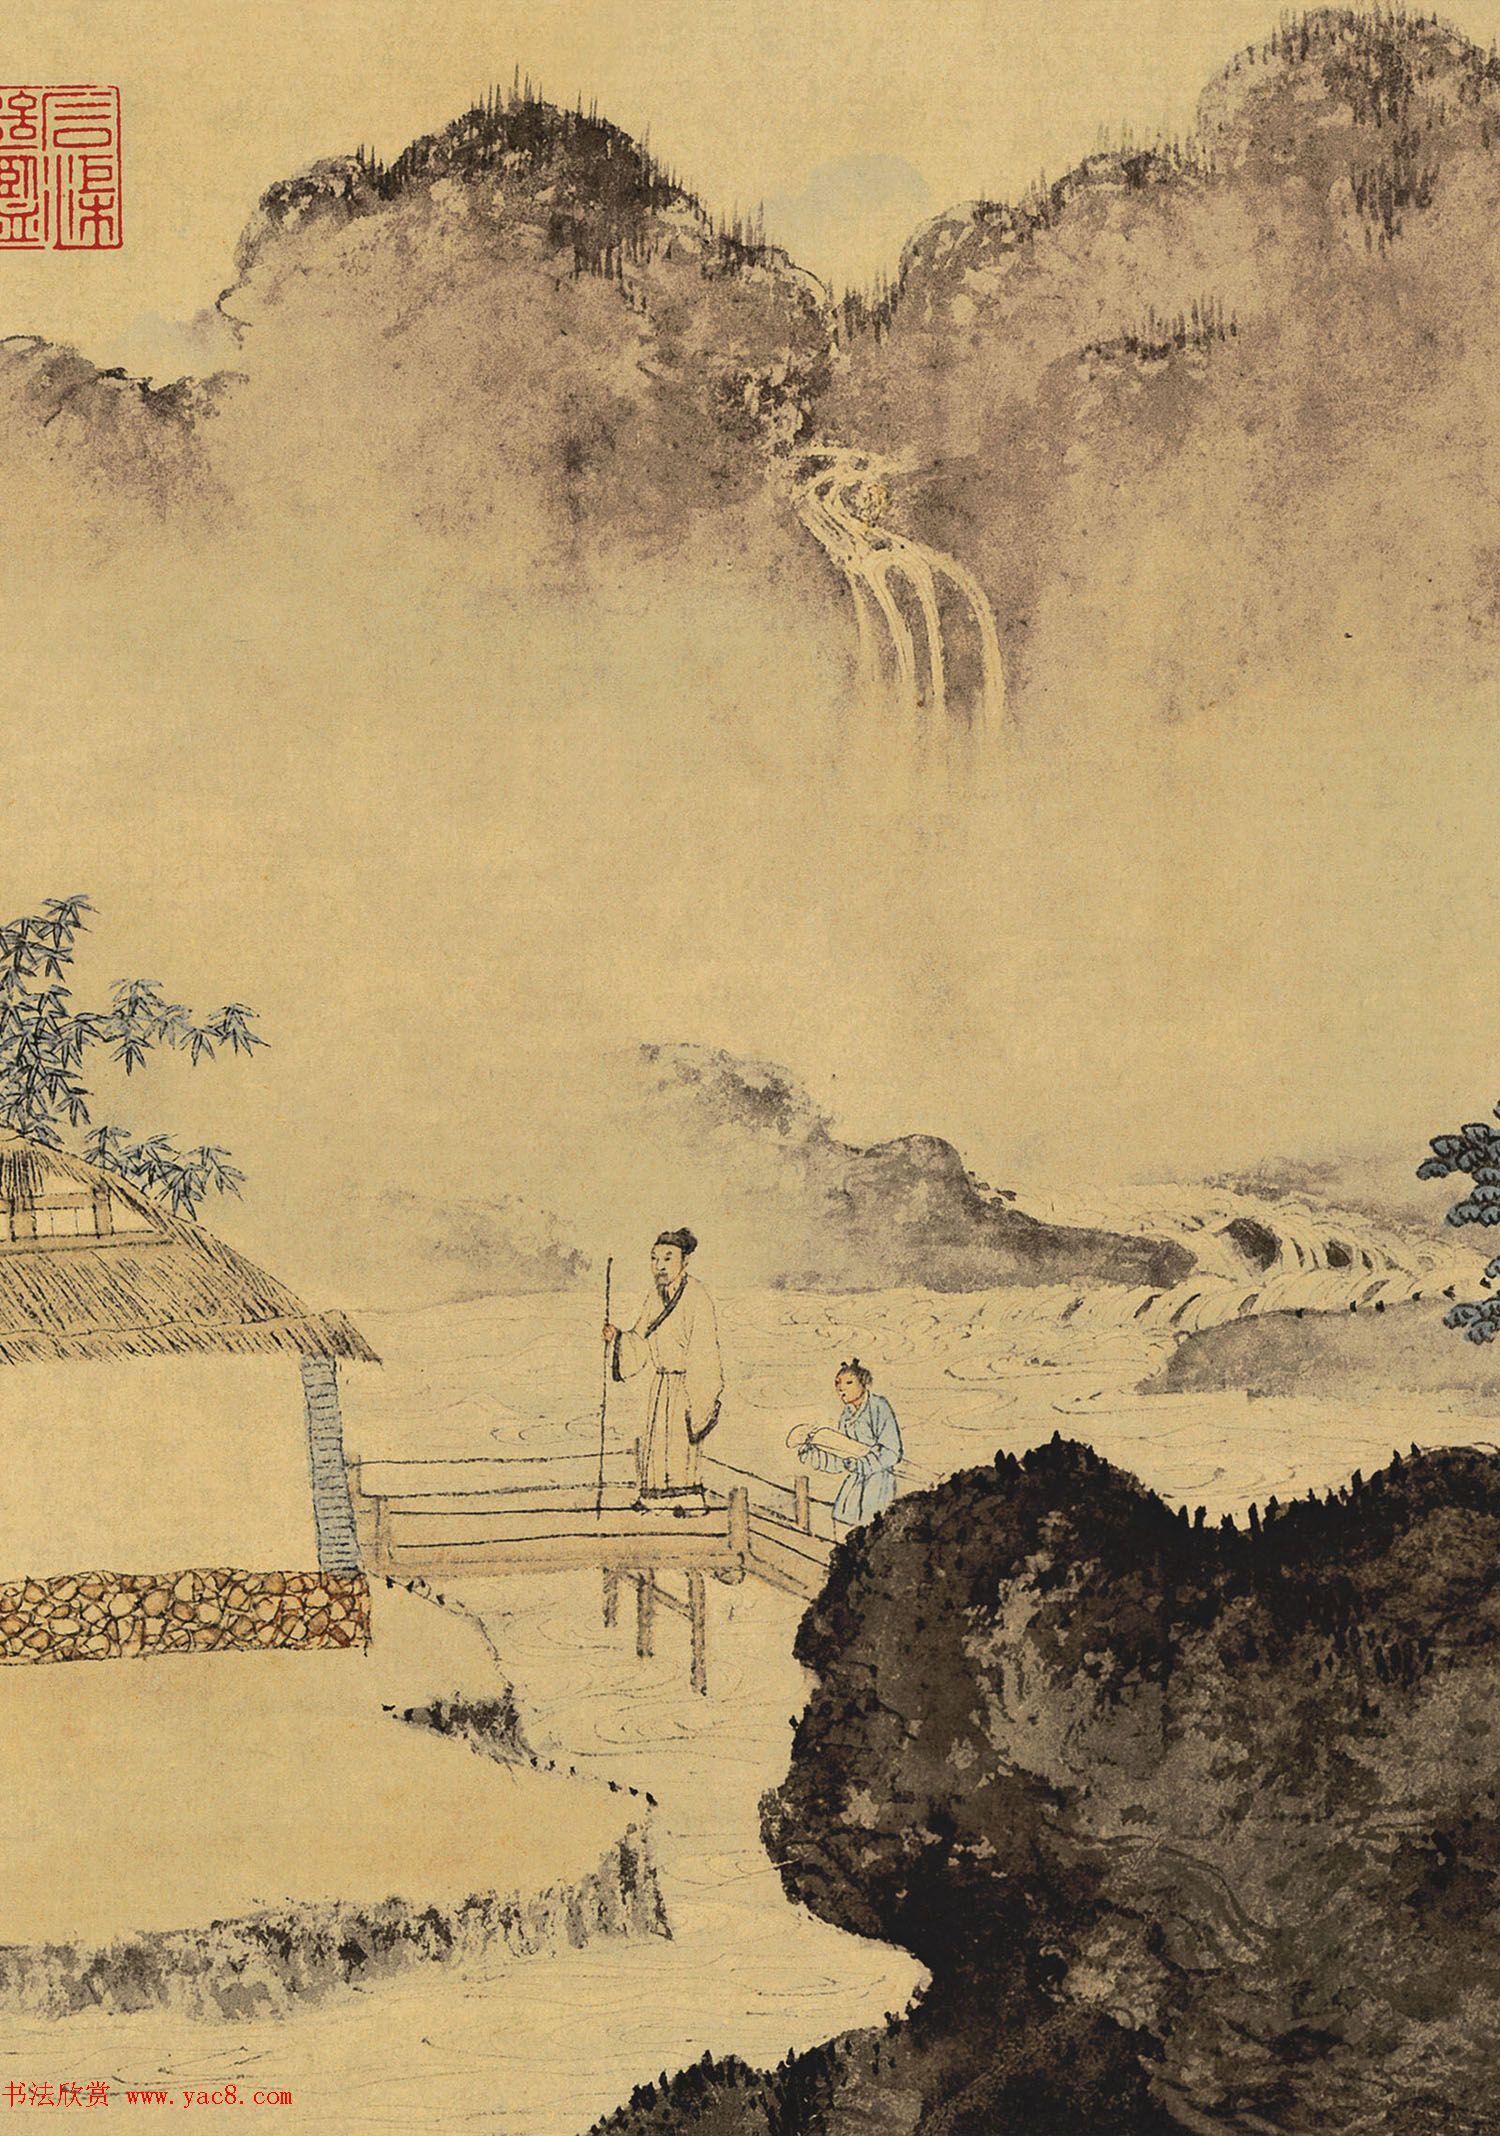 唐伯虎书法字画欣赏《唐寅事茗图卷》